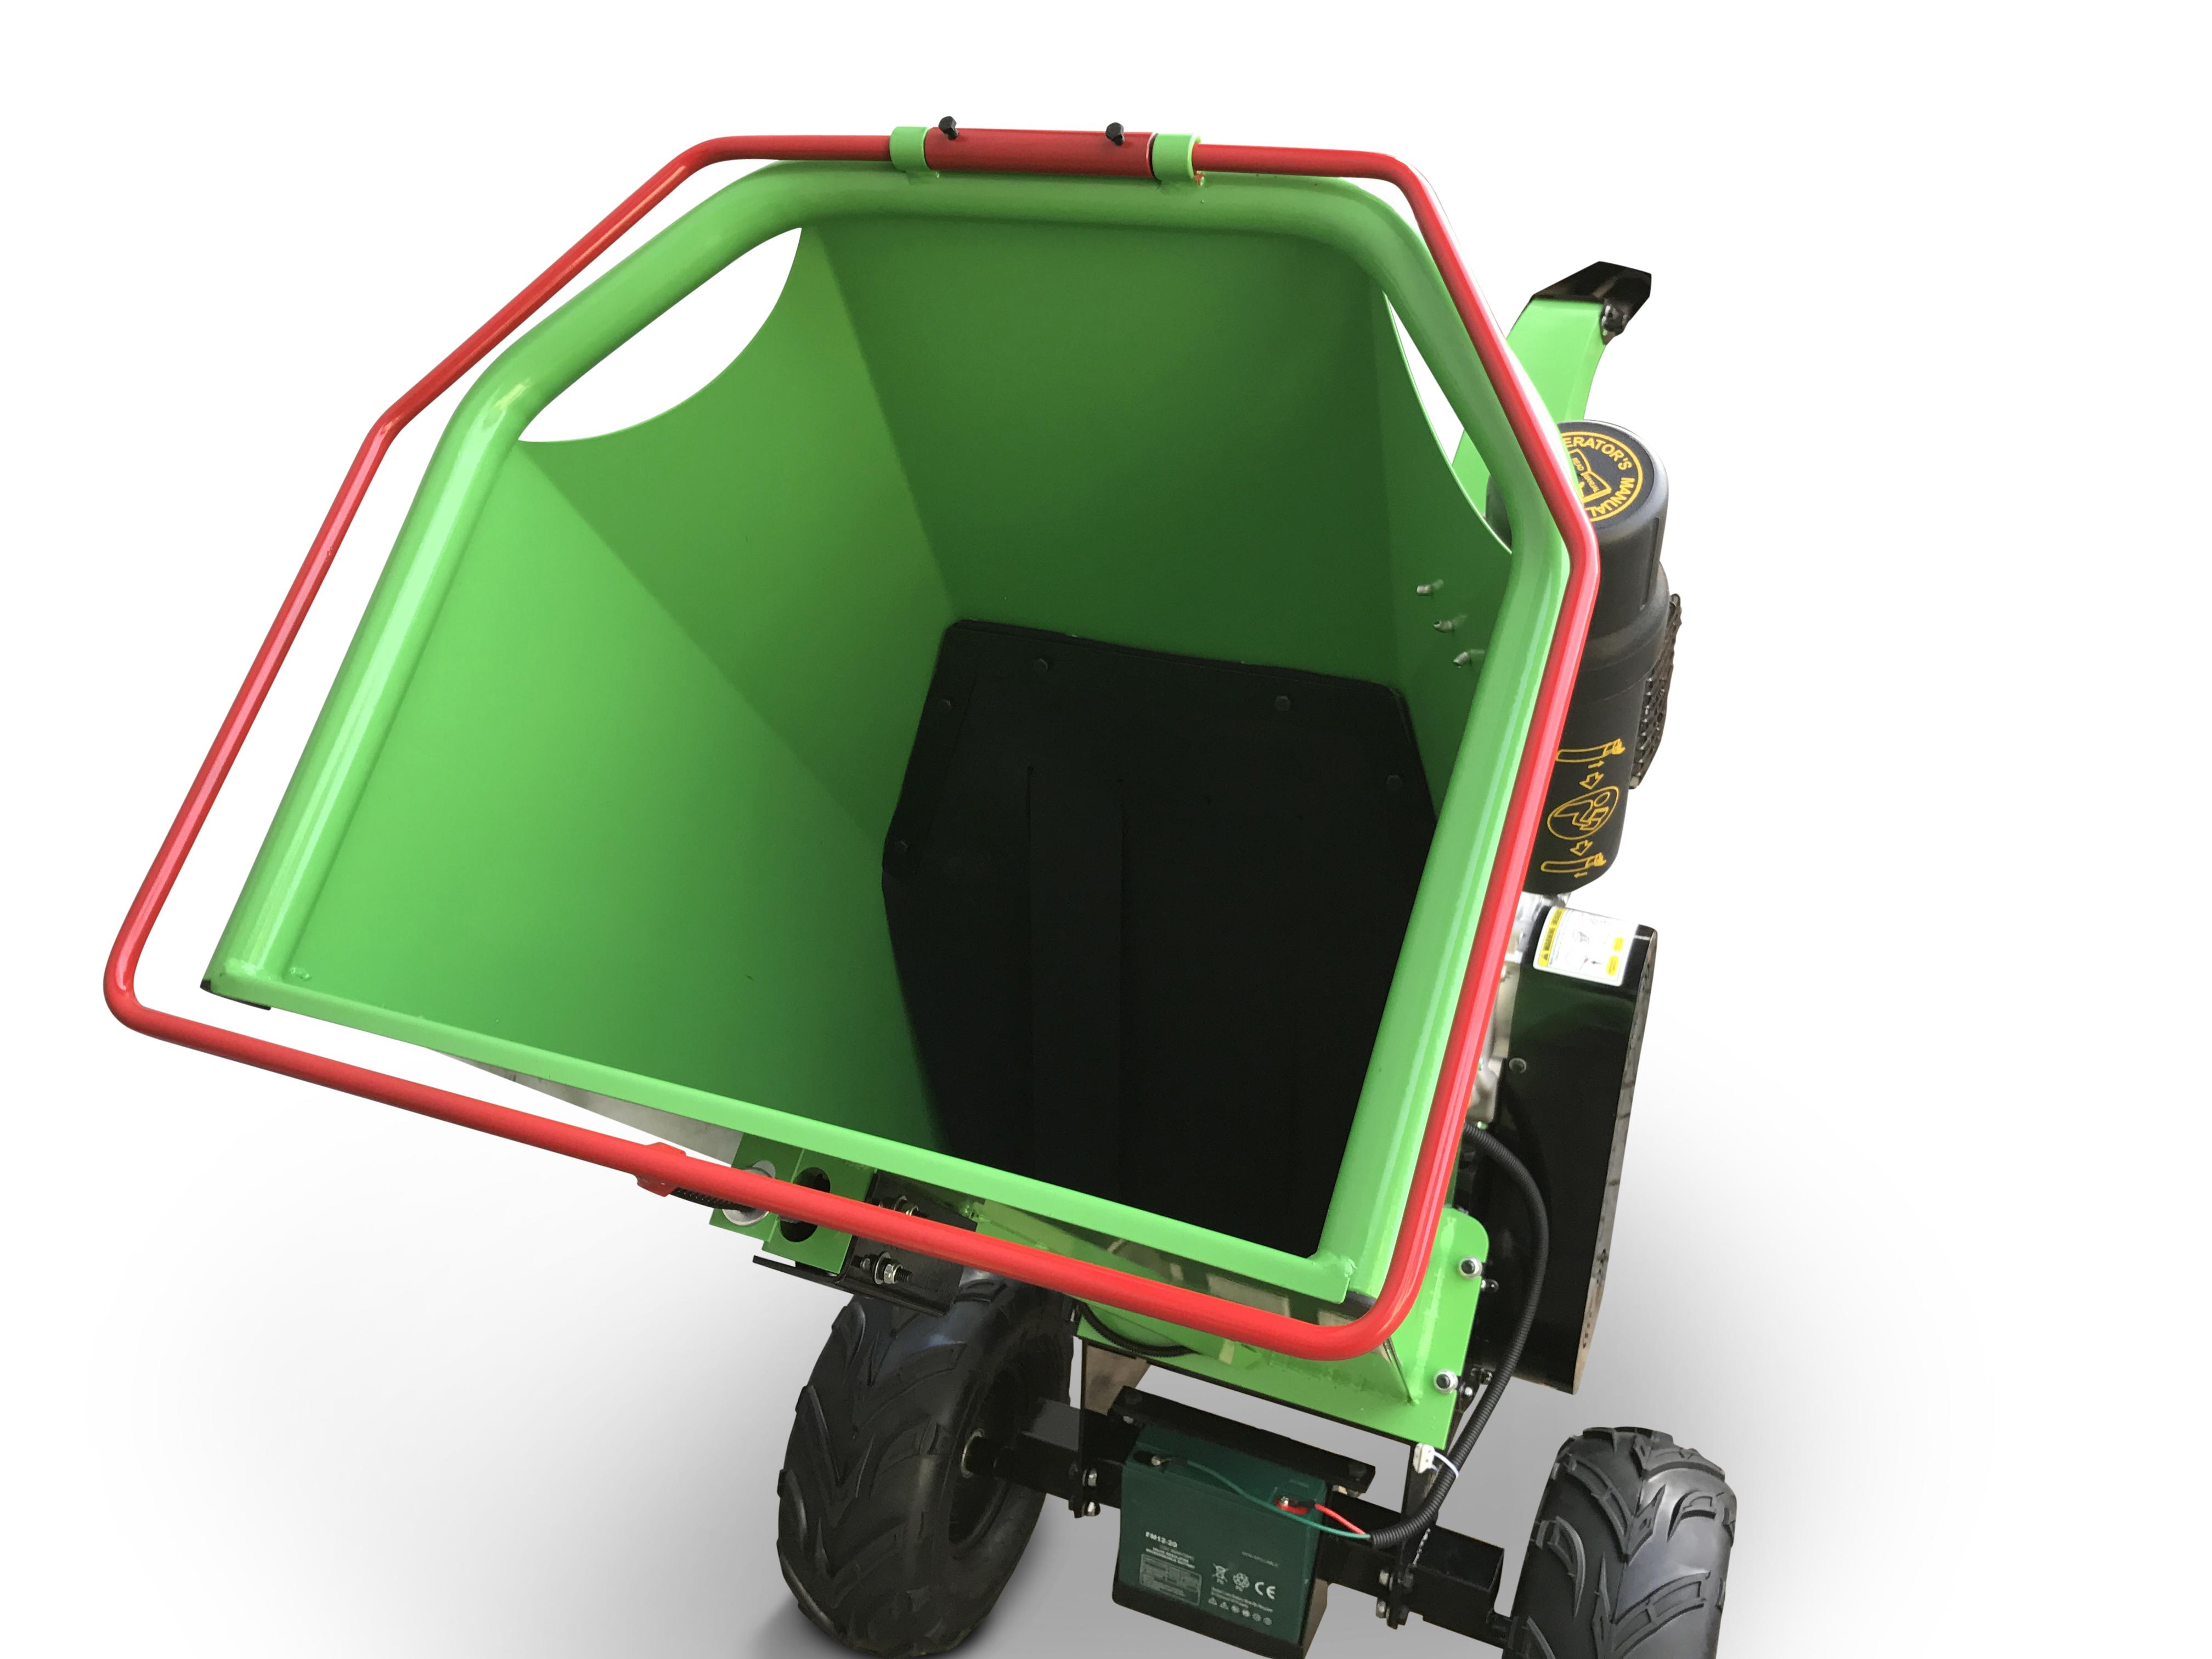 zipper benzin h cksler zi haek11000 inkl abdeckplane holzh cksler benzinh cksler ebay. Black Bedroom Furniture Sets. Home Design Ideas